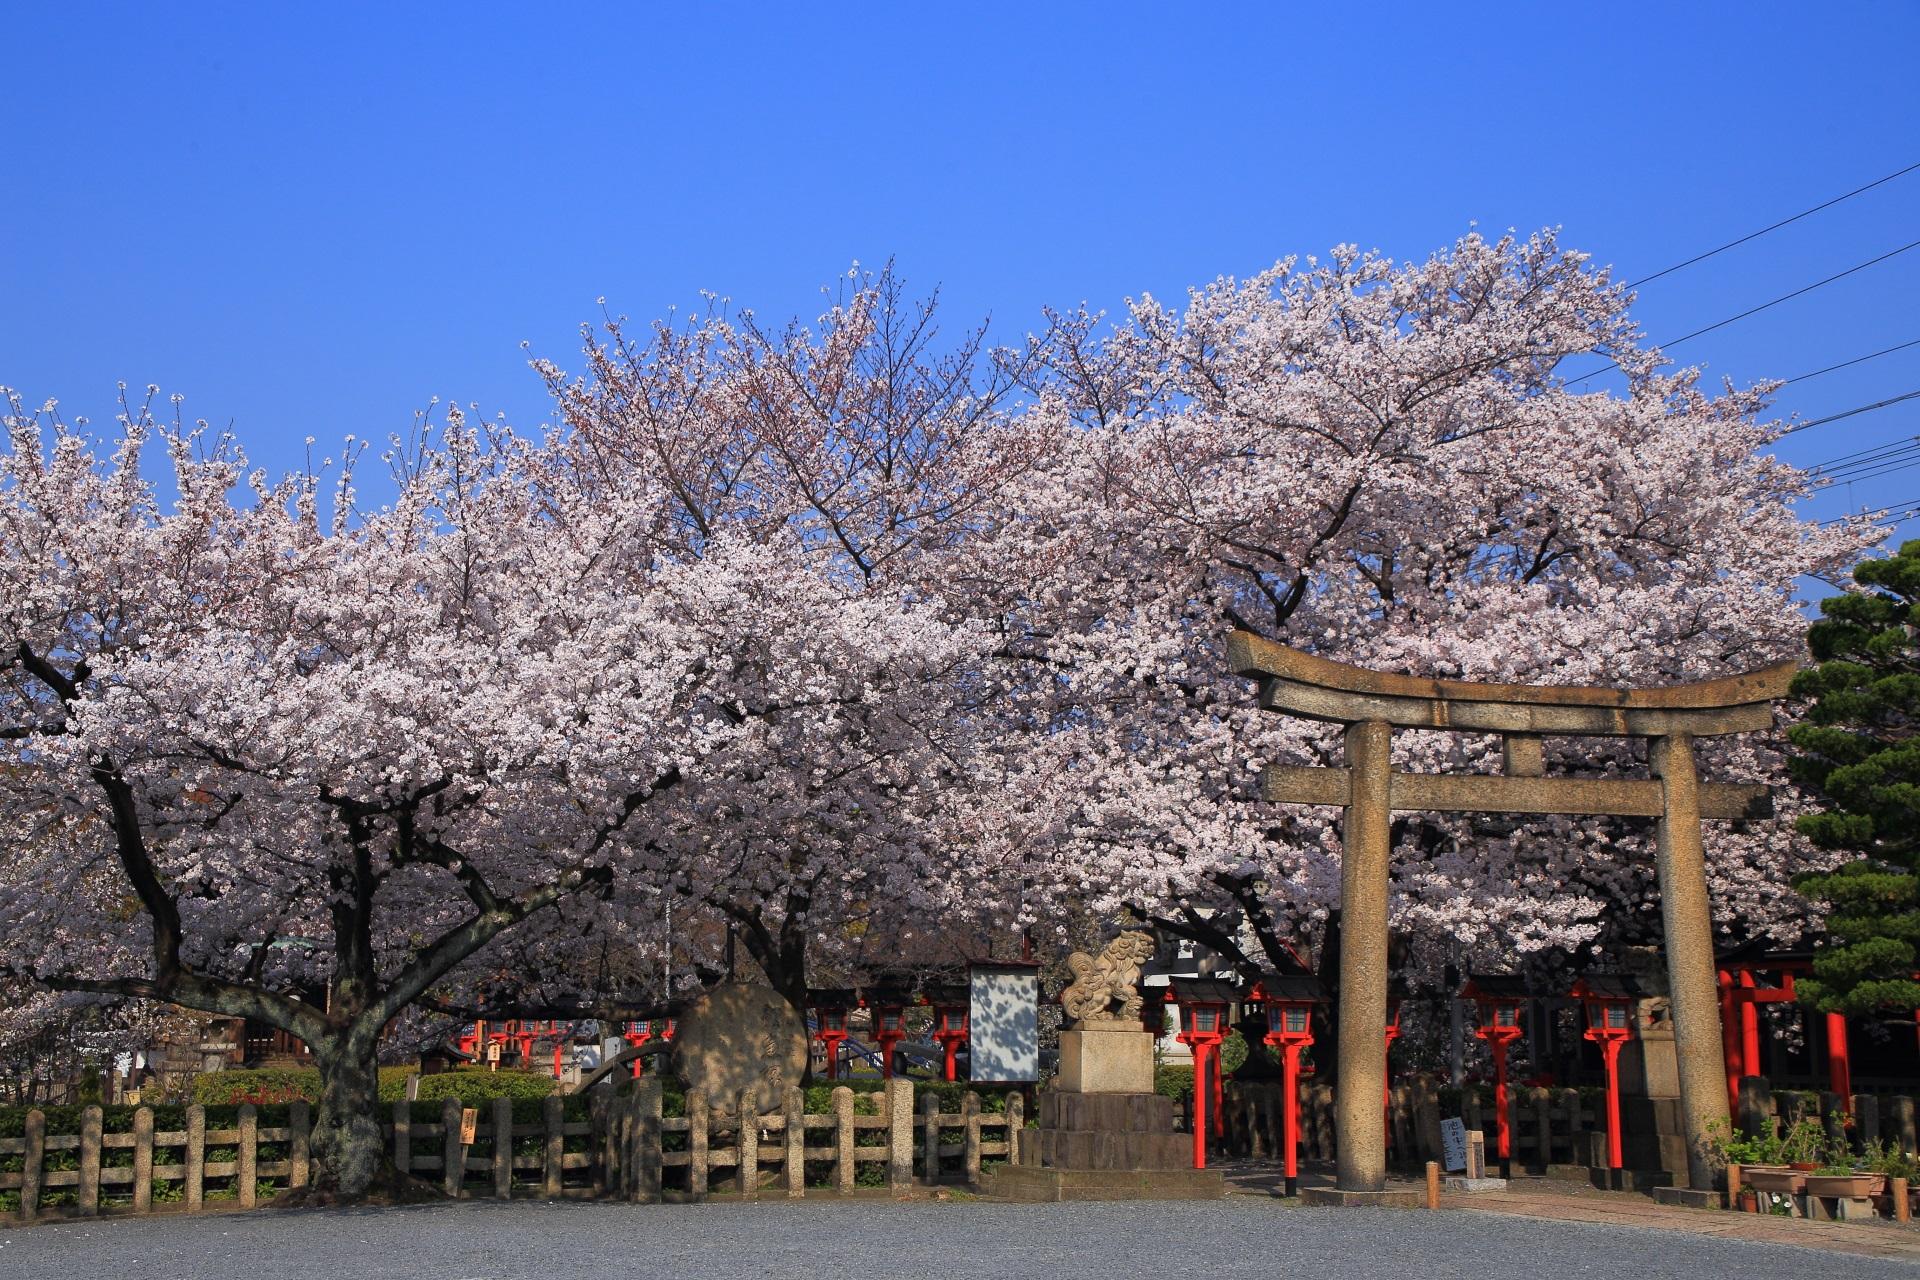 六孫王神社の遠目から眺めた境内から溢れる桜